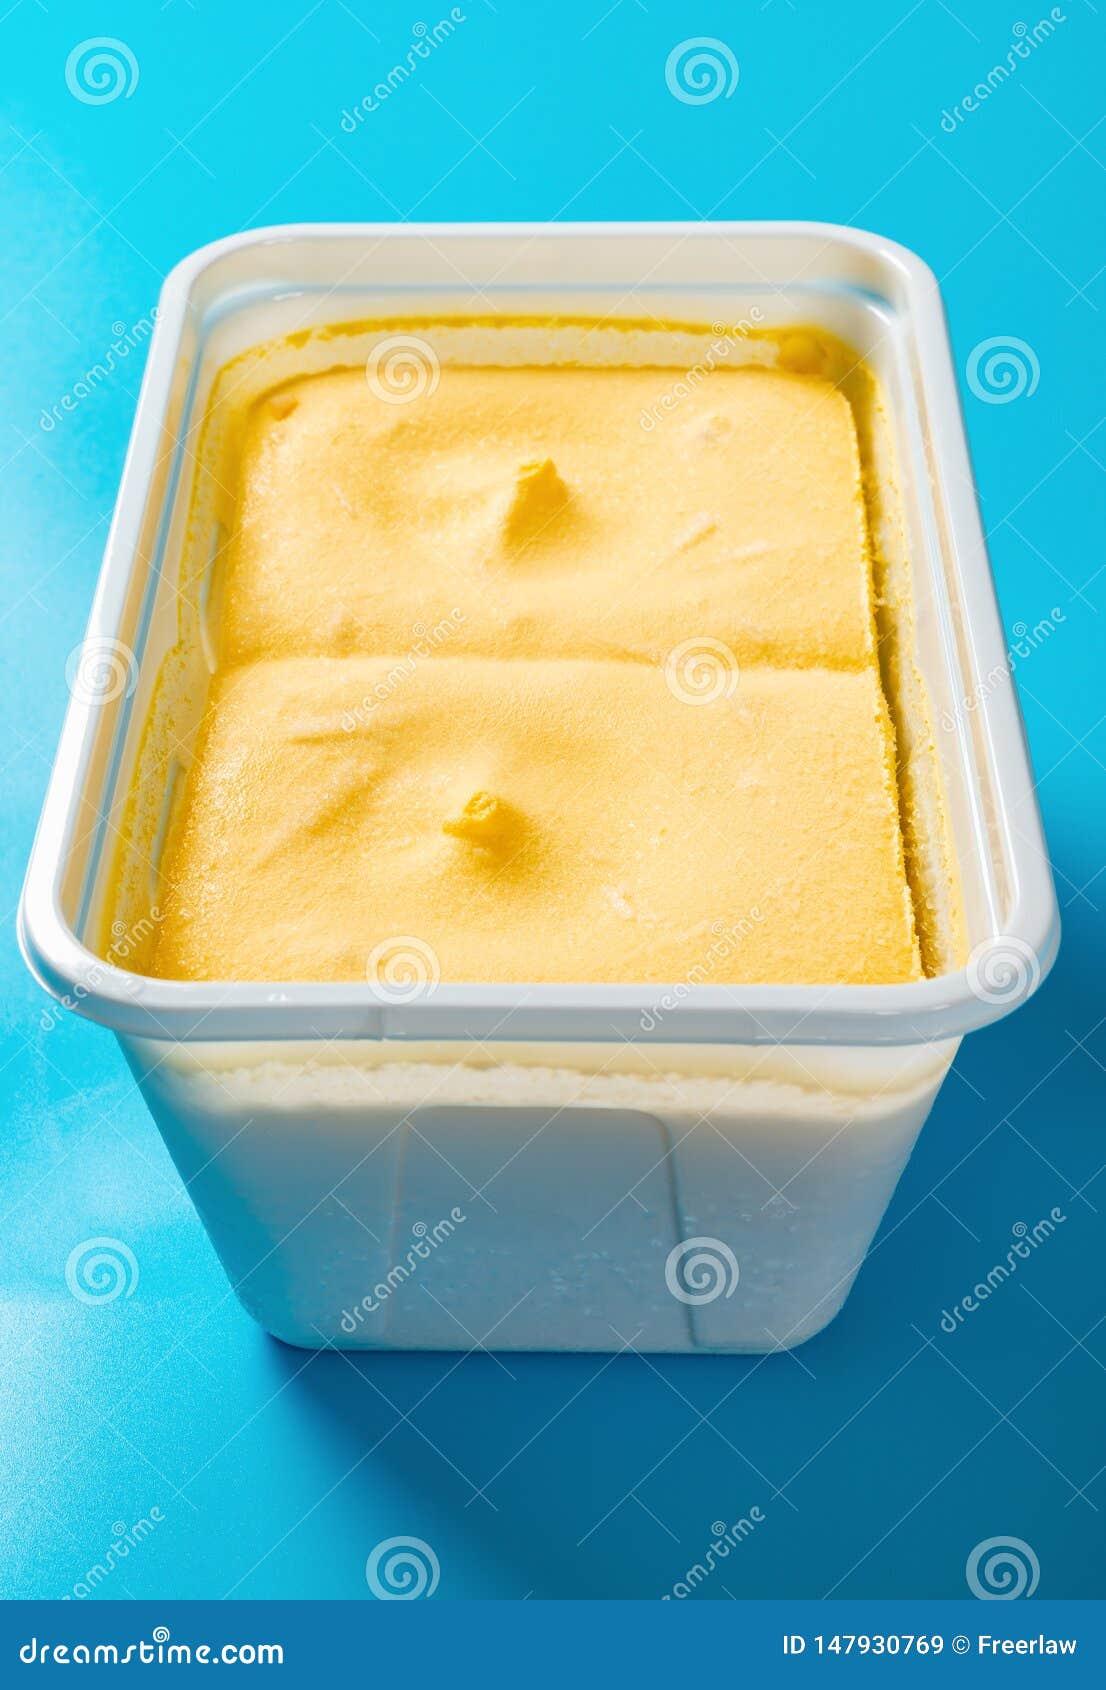 Κιβώτιο του παγωτού γεύσης μάγκο στην μπλε κάθετη σύνθεση υποβάθρου